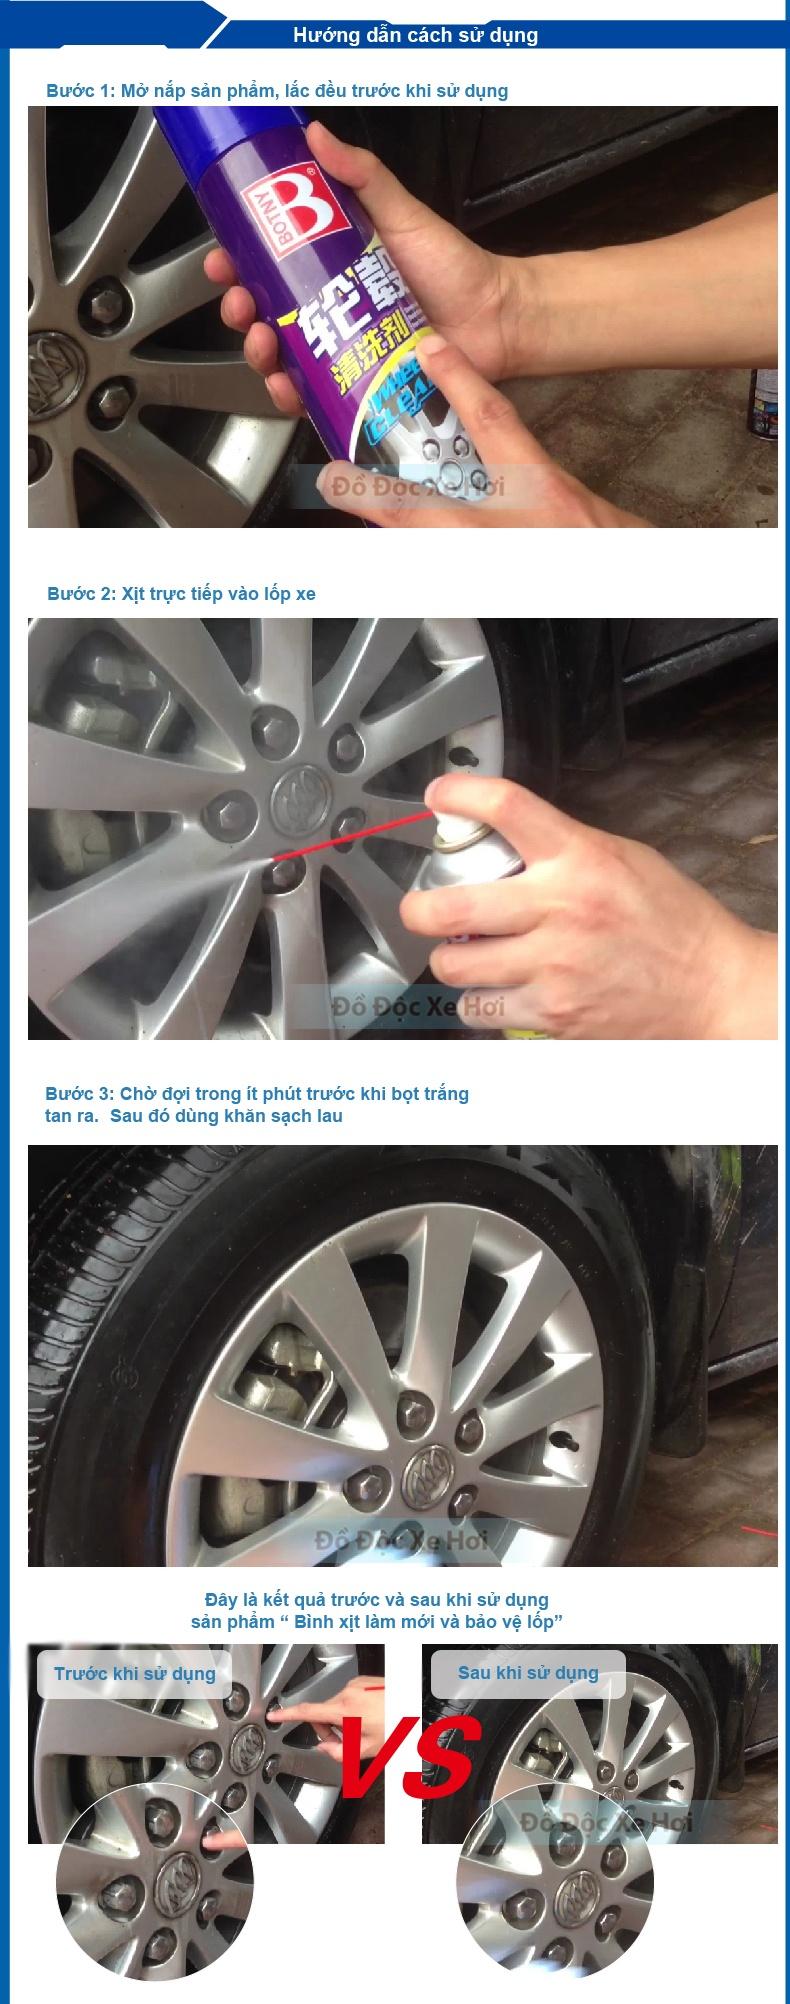 Làm mới lốp với Bình xịt làm mới và bảo vệ lốp